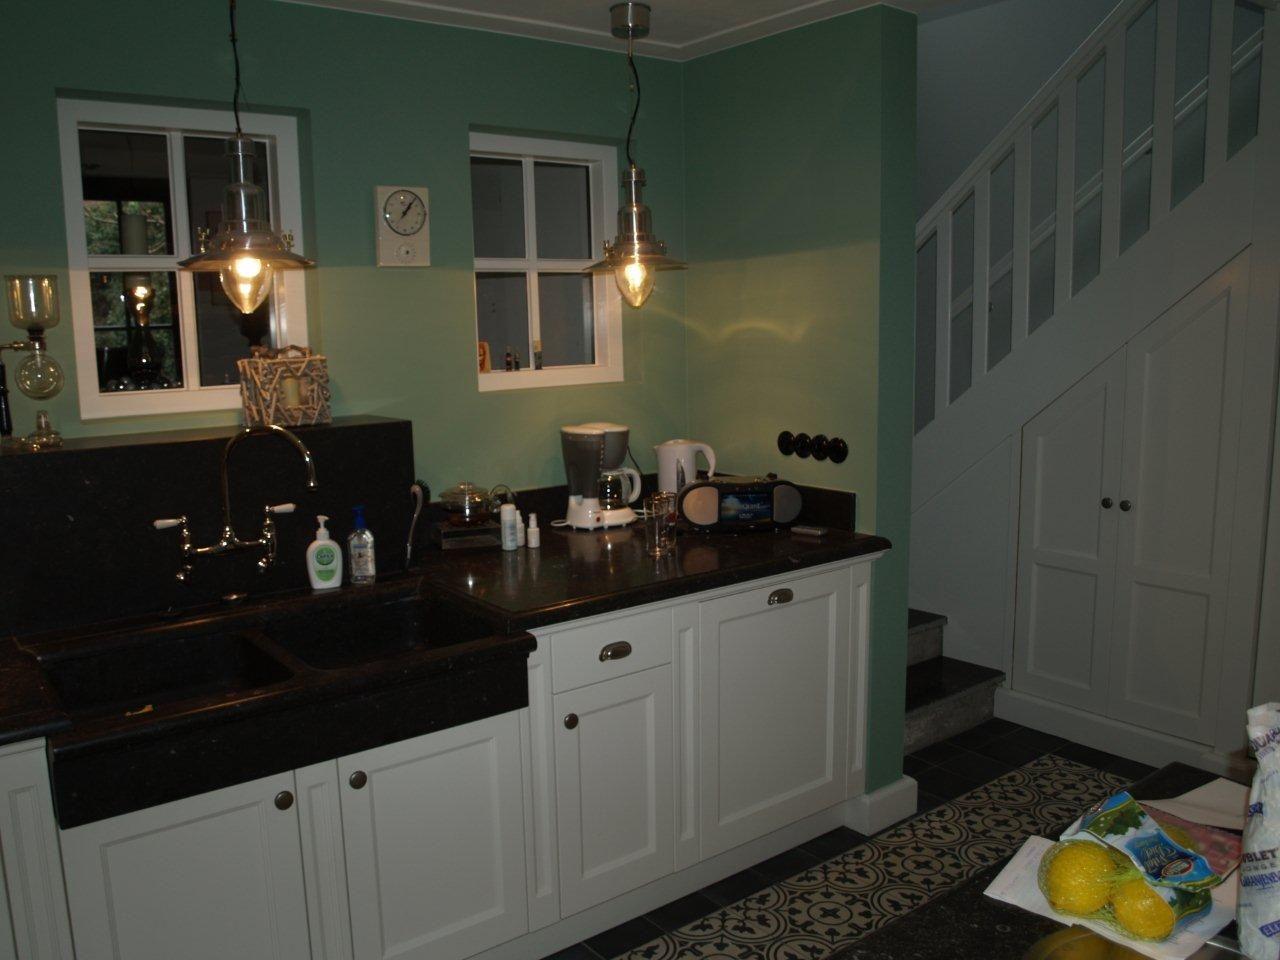 Vri interieur exclusieve landelijk klassieke keuken op maat met 1 5